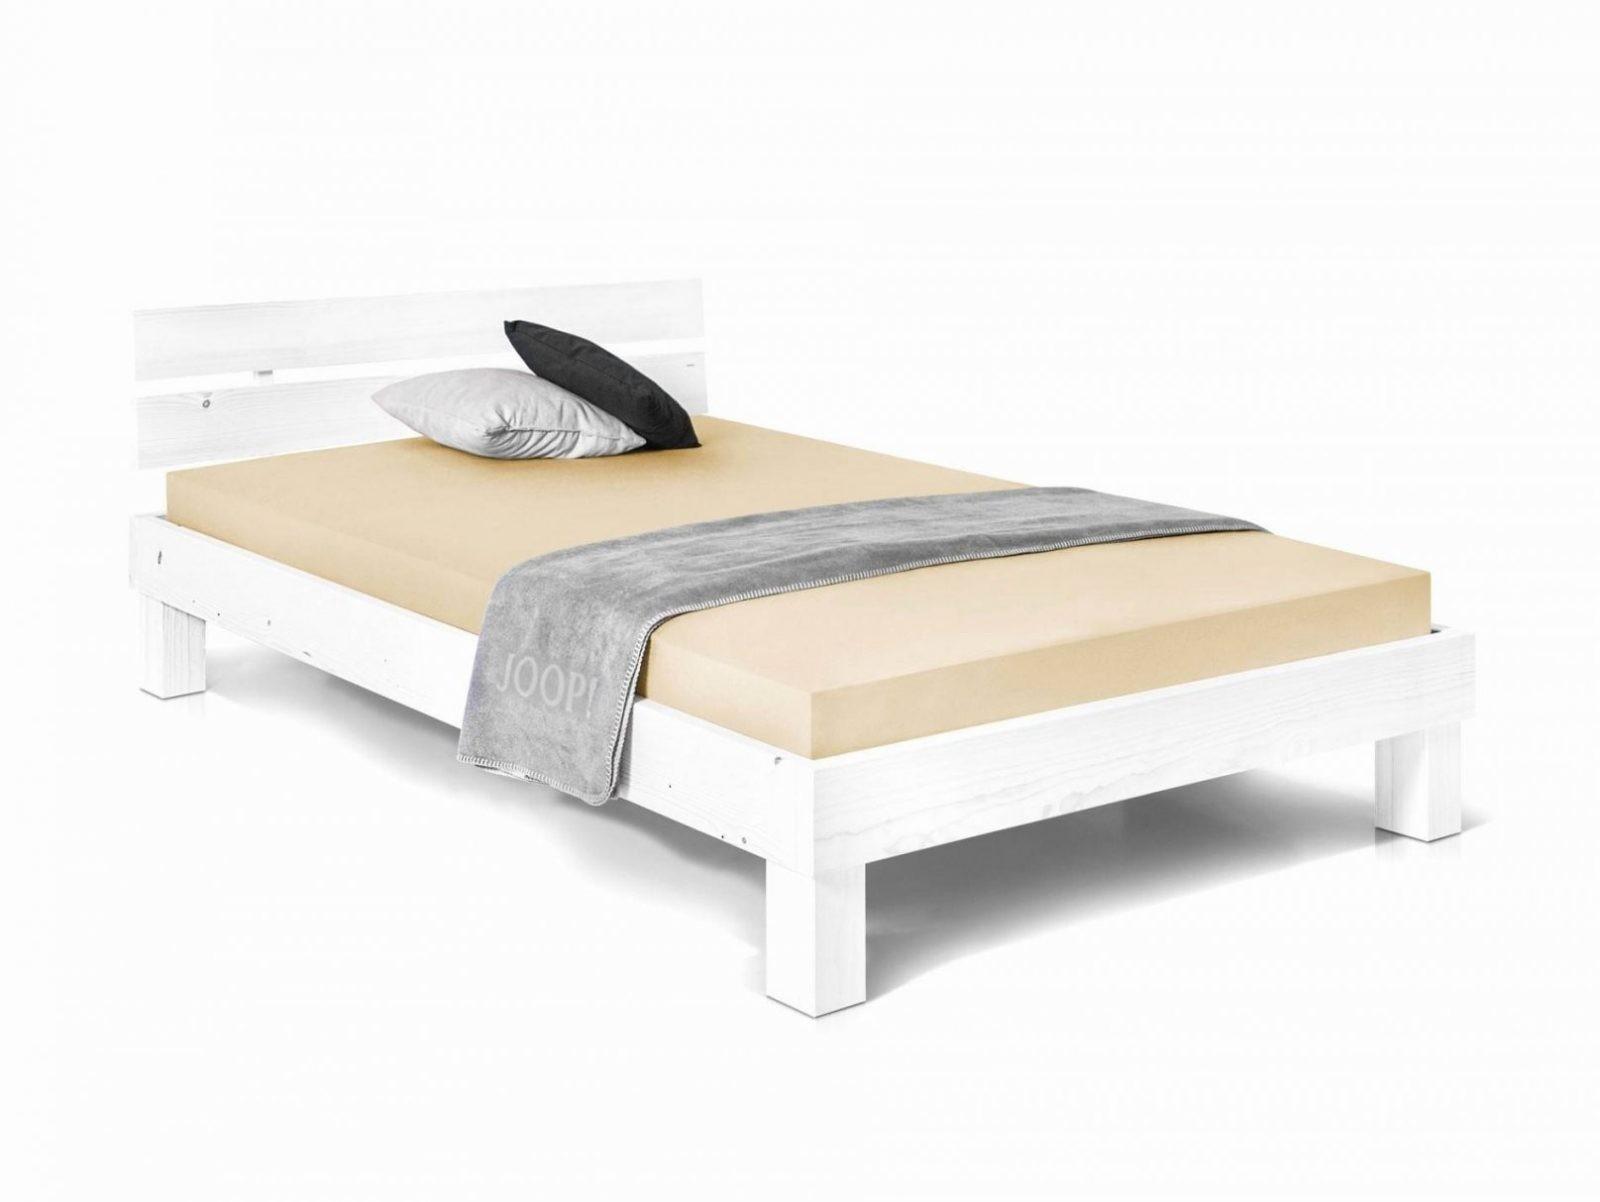 Bett Inkl Matratze Und Lattenrost Frisch Bett 140×200 Mit von Bett Inklusive Lattenrost Und Matratze Photo